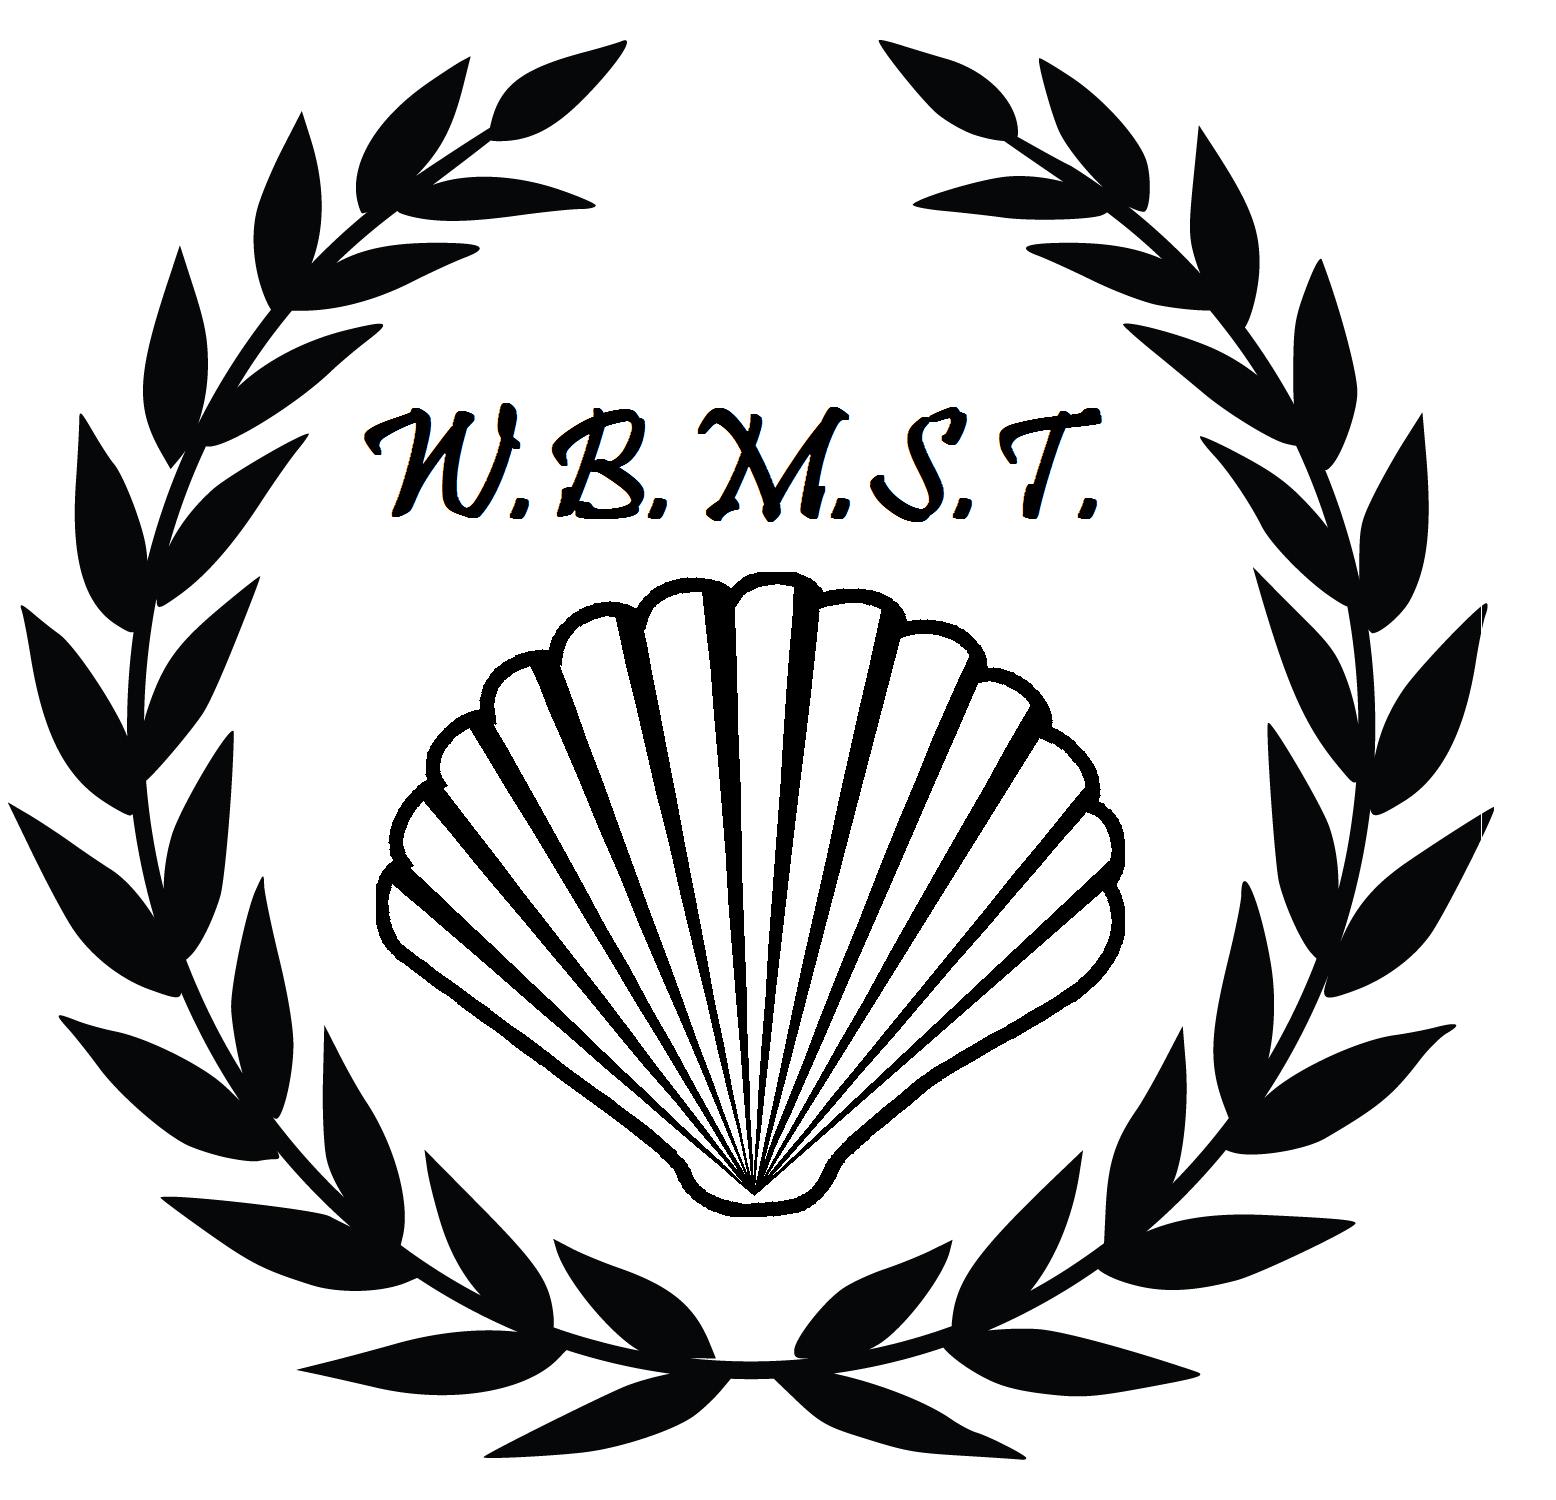 Wbmst